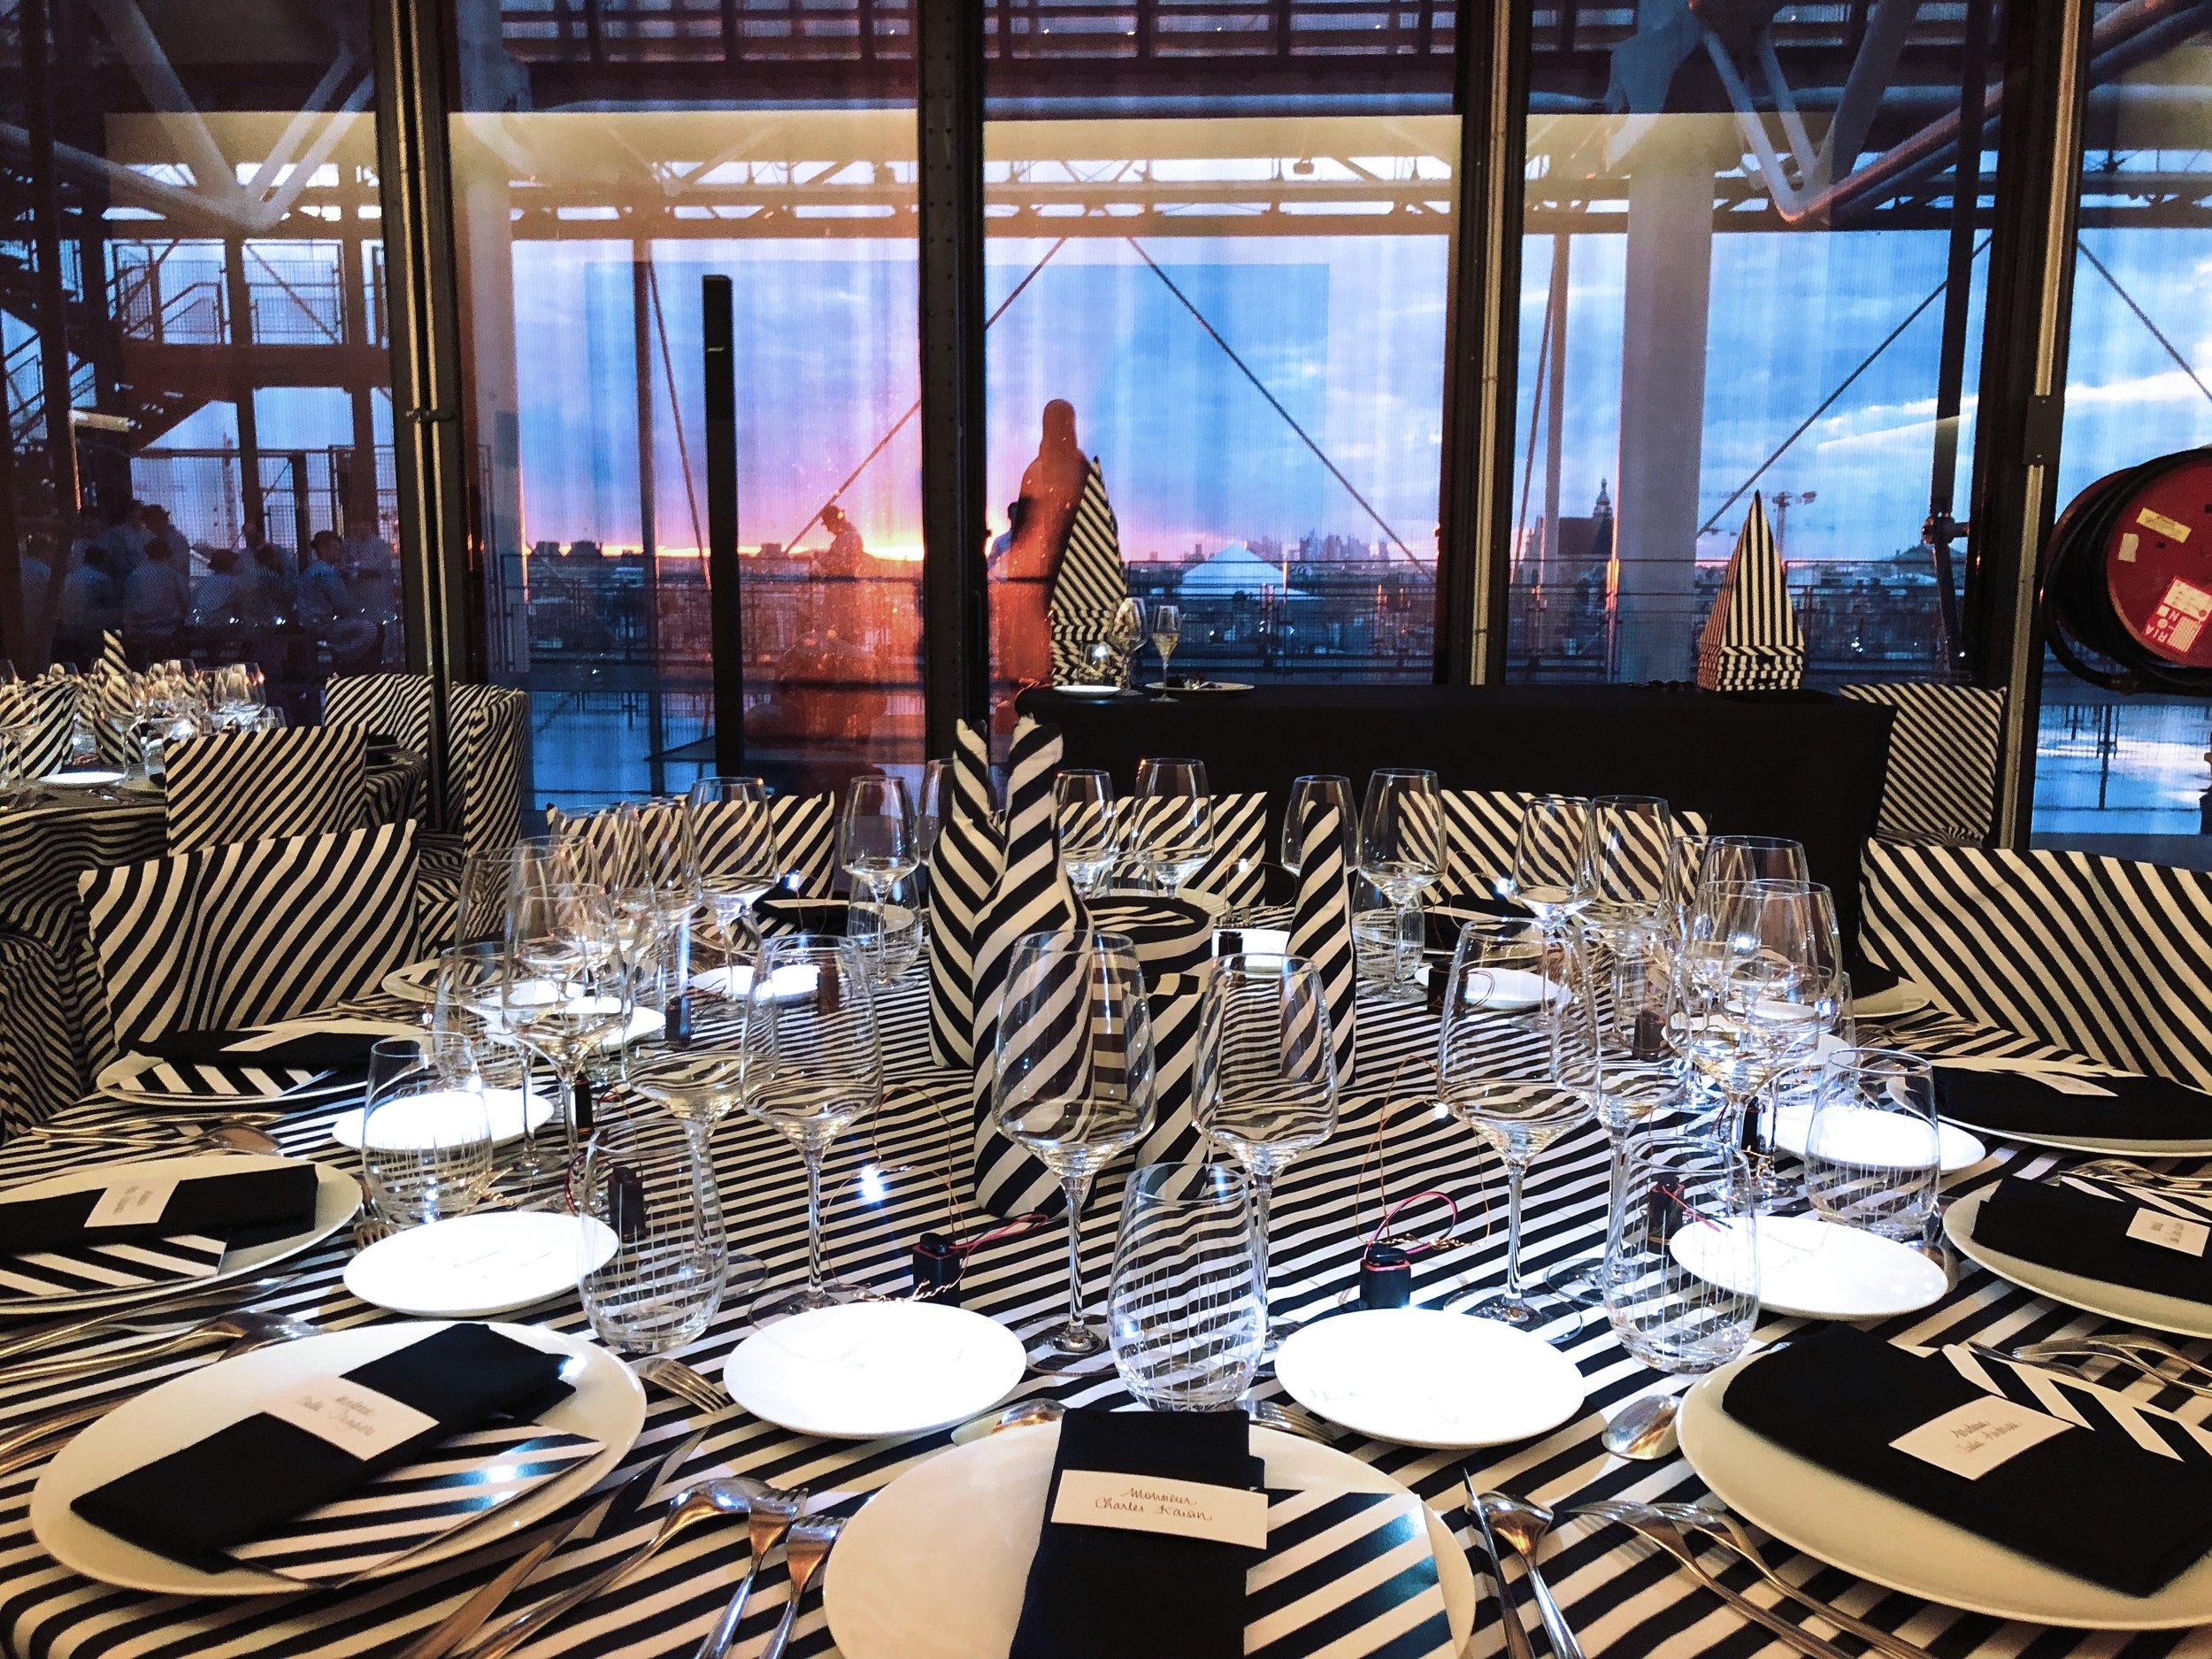 Les Amis du Centre Pompidou Centre Pompidou - Paris - 2018